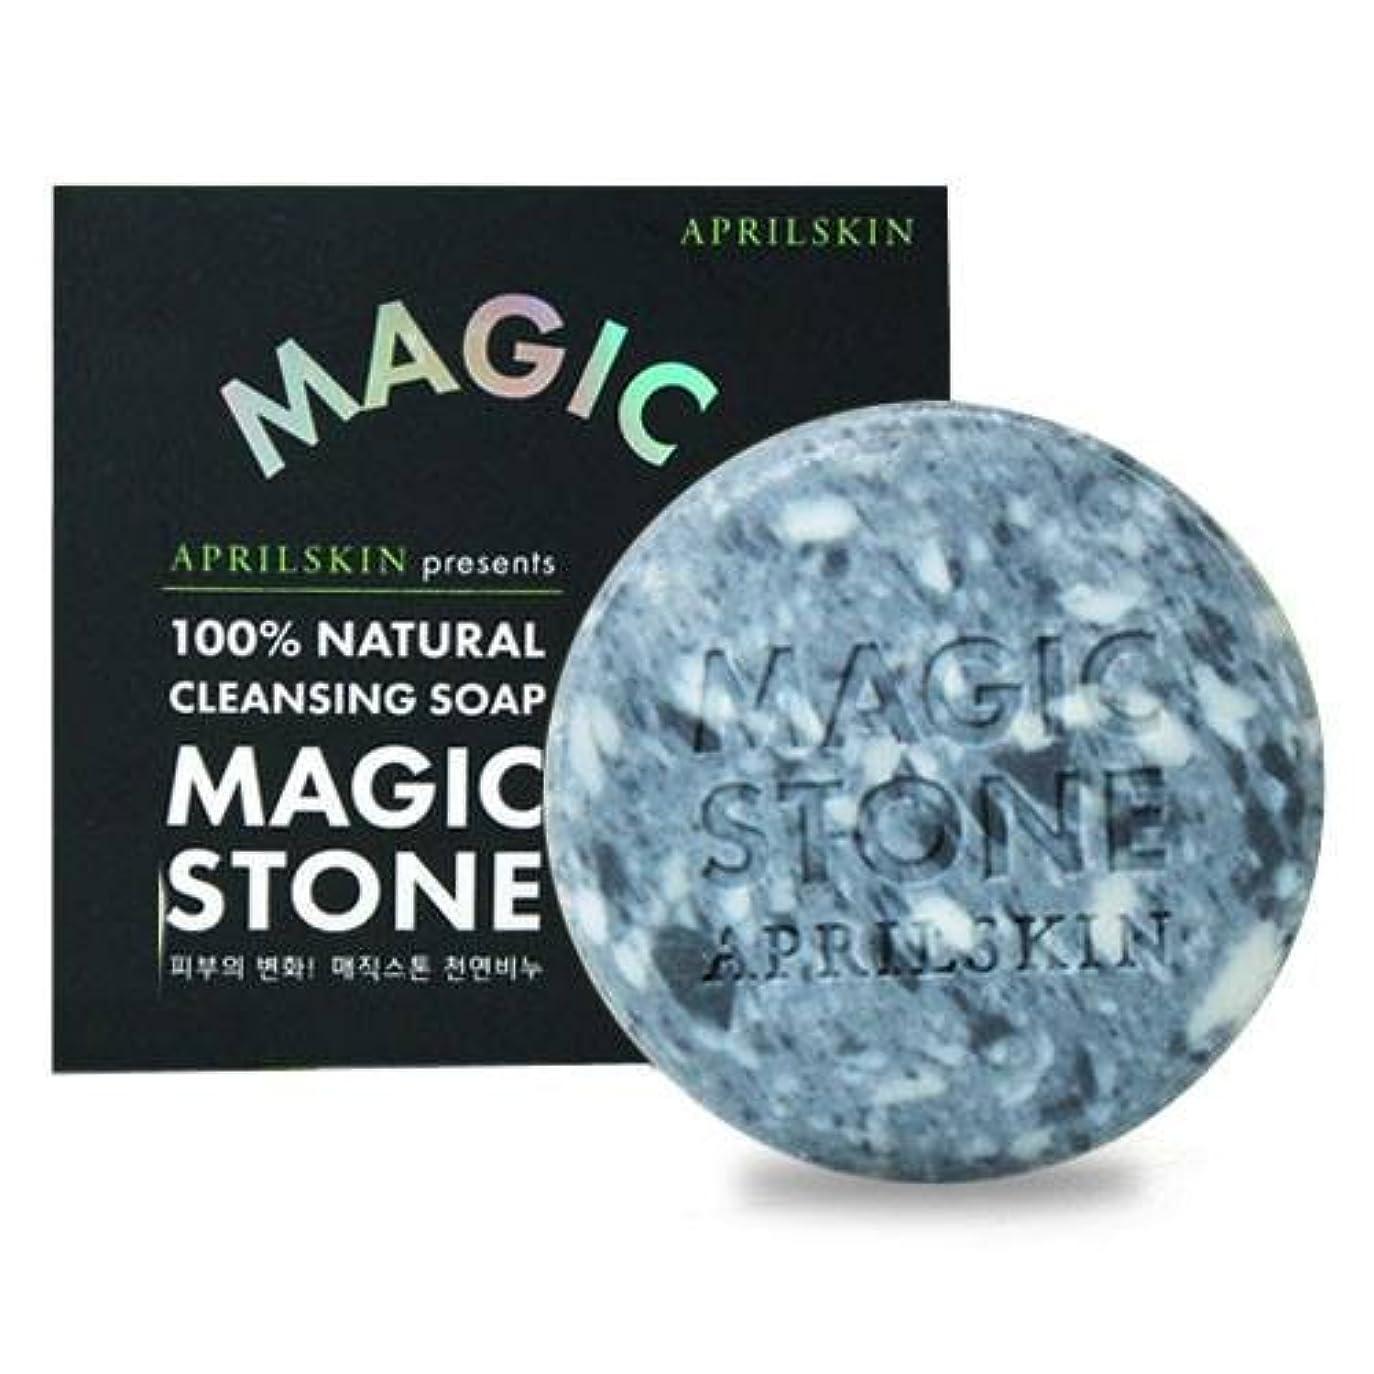 イソギンチャクサンドイッチ終わり[APRILSKIN] エイプリルスキン国民石鹸 (APRIL SKIN magic stone マジックストーンのリニューアルバージョン新発売) (ORIGINAL) [並行輸入品]